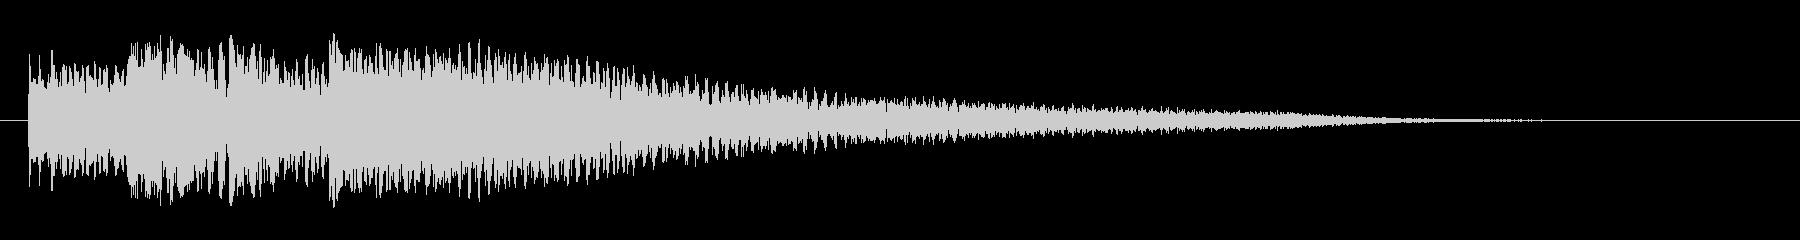 ガガガガーン サスペンス 衝撃 #1の未再生の波形